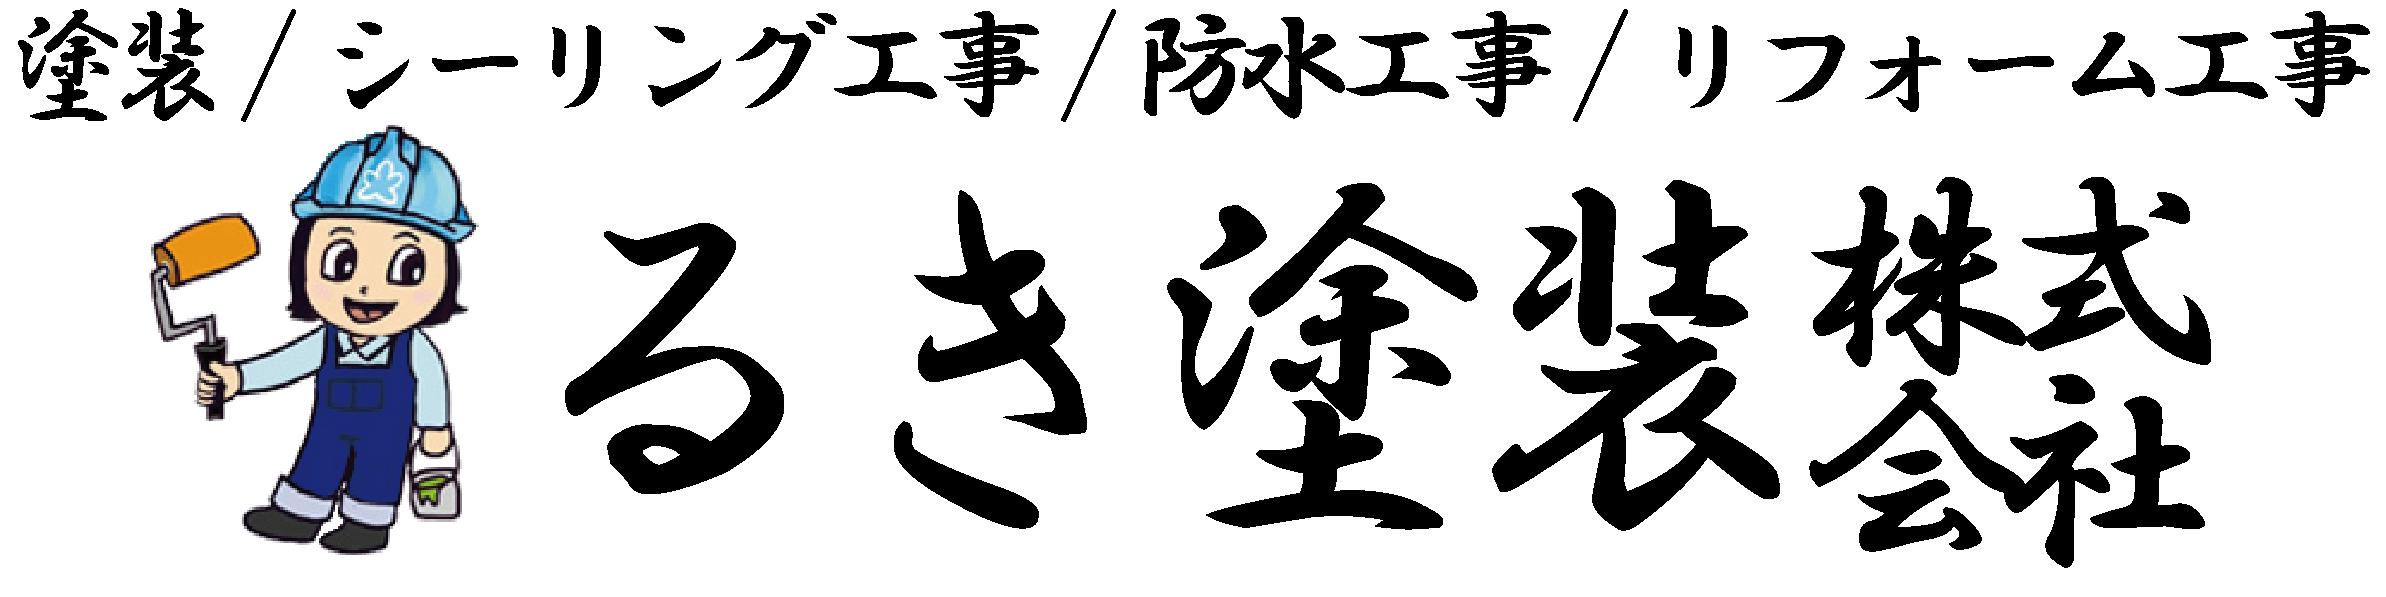 【公式】るき塗装株式会社(福岡県柳川市や久留米市、大牟田市、佐賀市の住宅塗装・外壁塗装・屋根塗装)